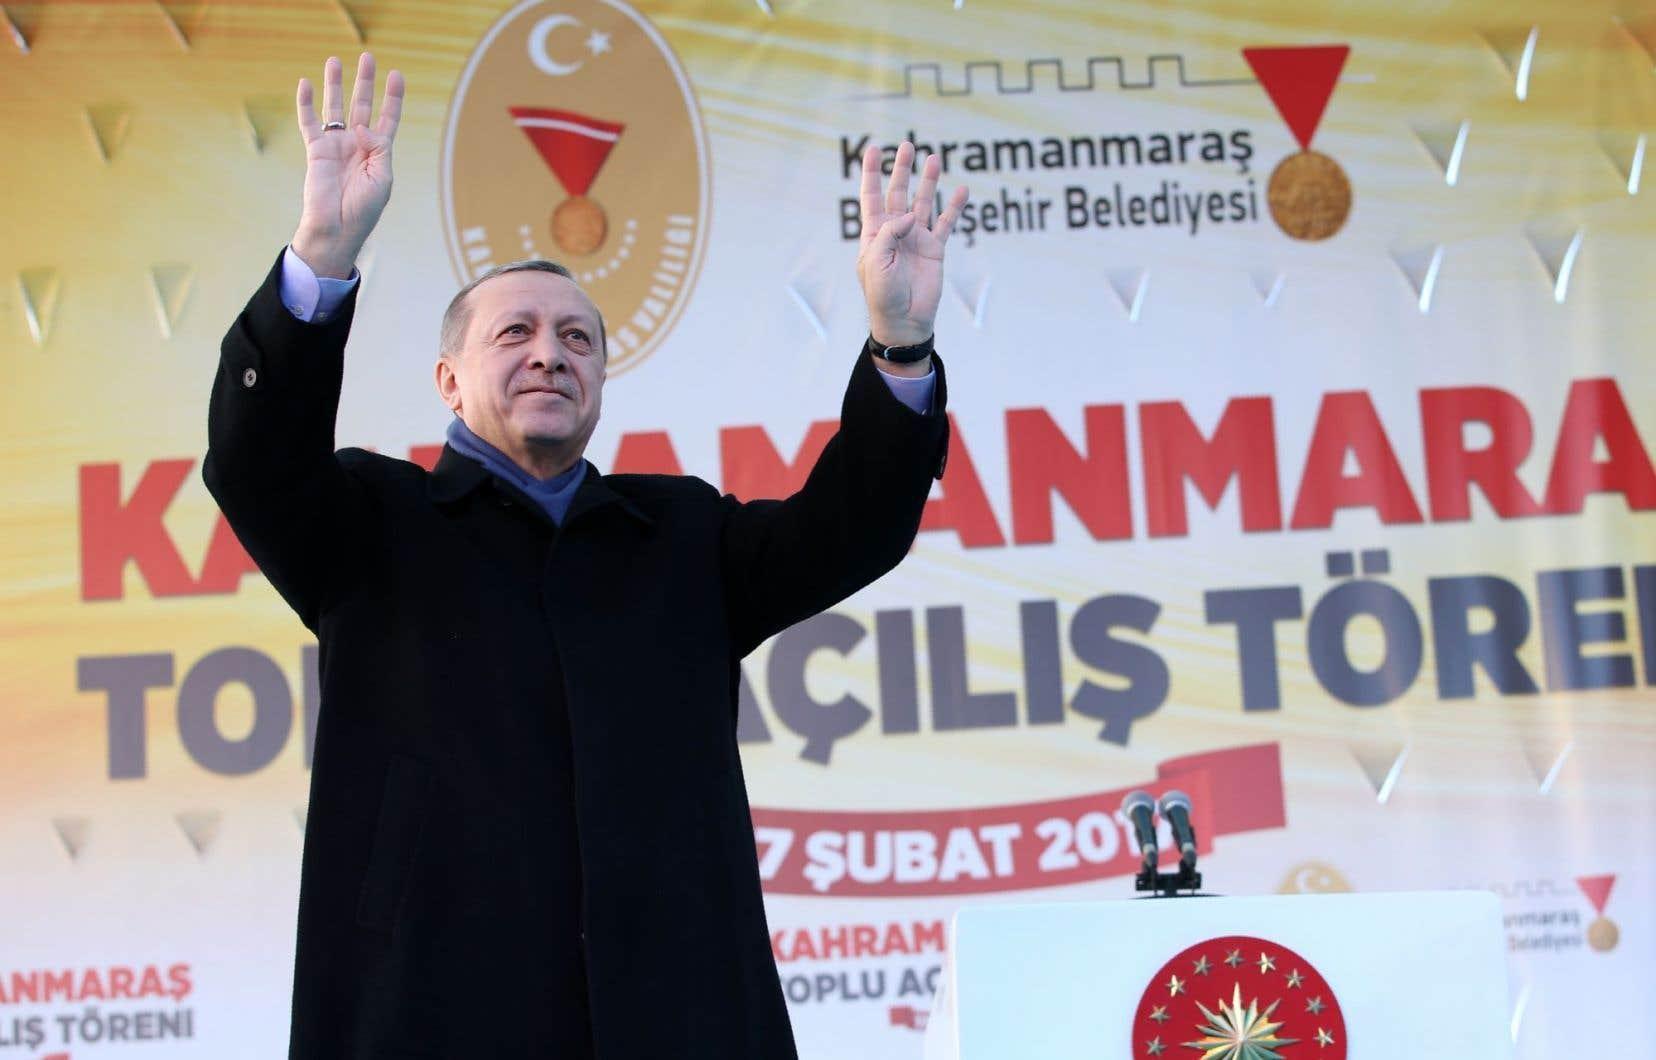 Alors que le scrutin s'annonce serré, M. Erdogan, réputé pour sa rhétorique de boxeur, tenait vendredi un rassemblement à Kahramanmaras, première étape d'une tournée dans une trentaine de provinces.